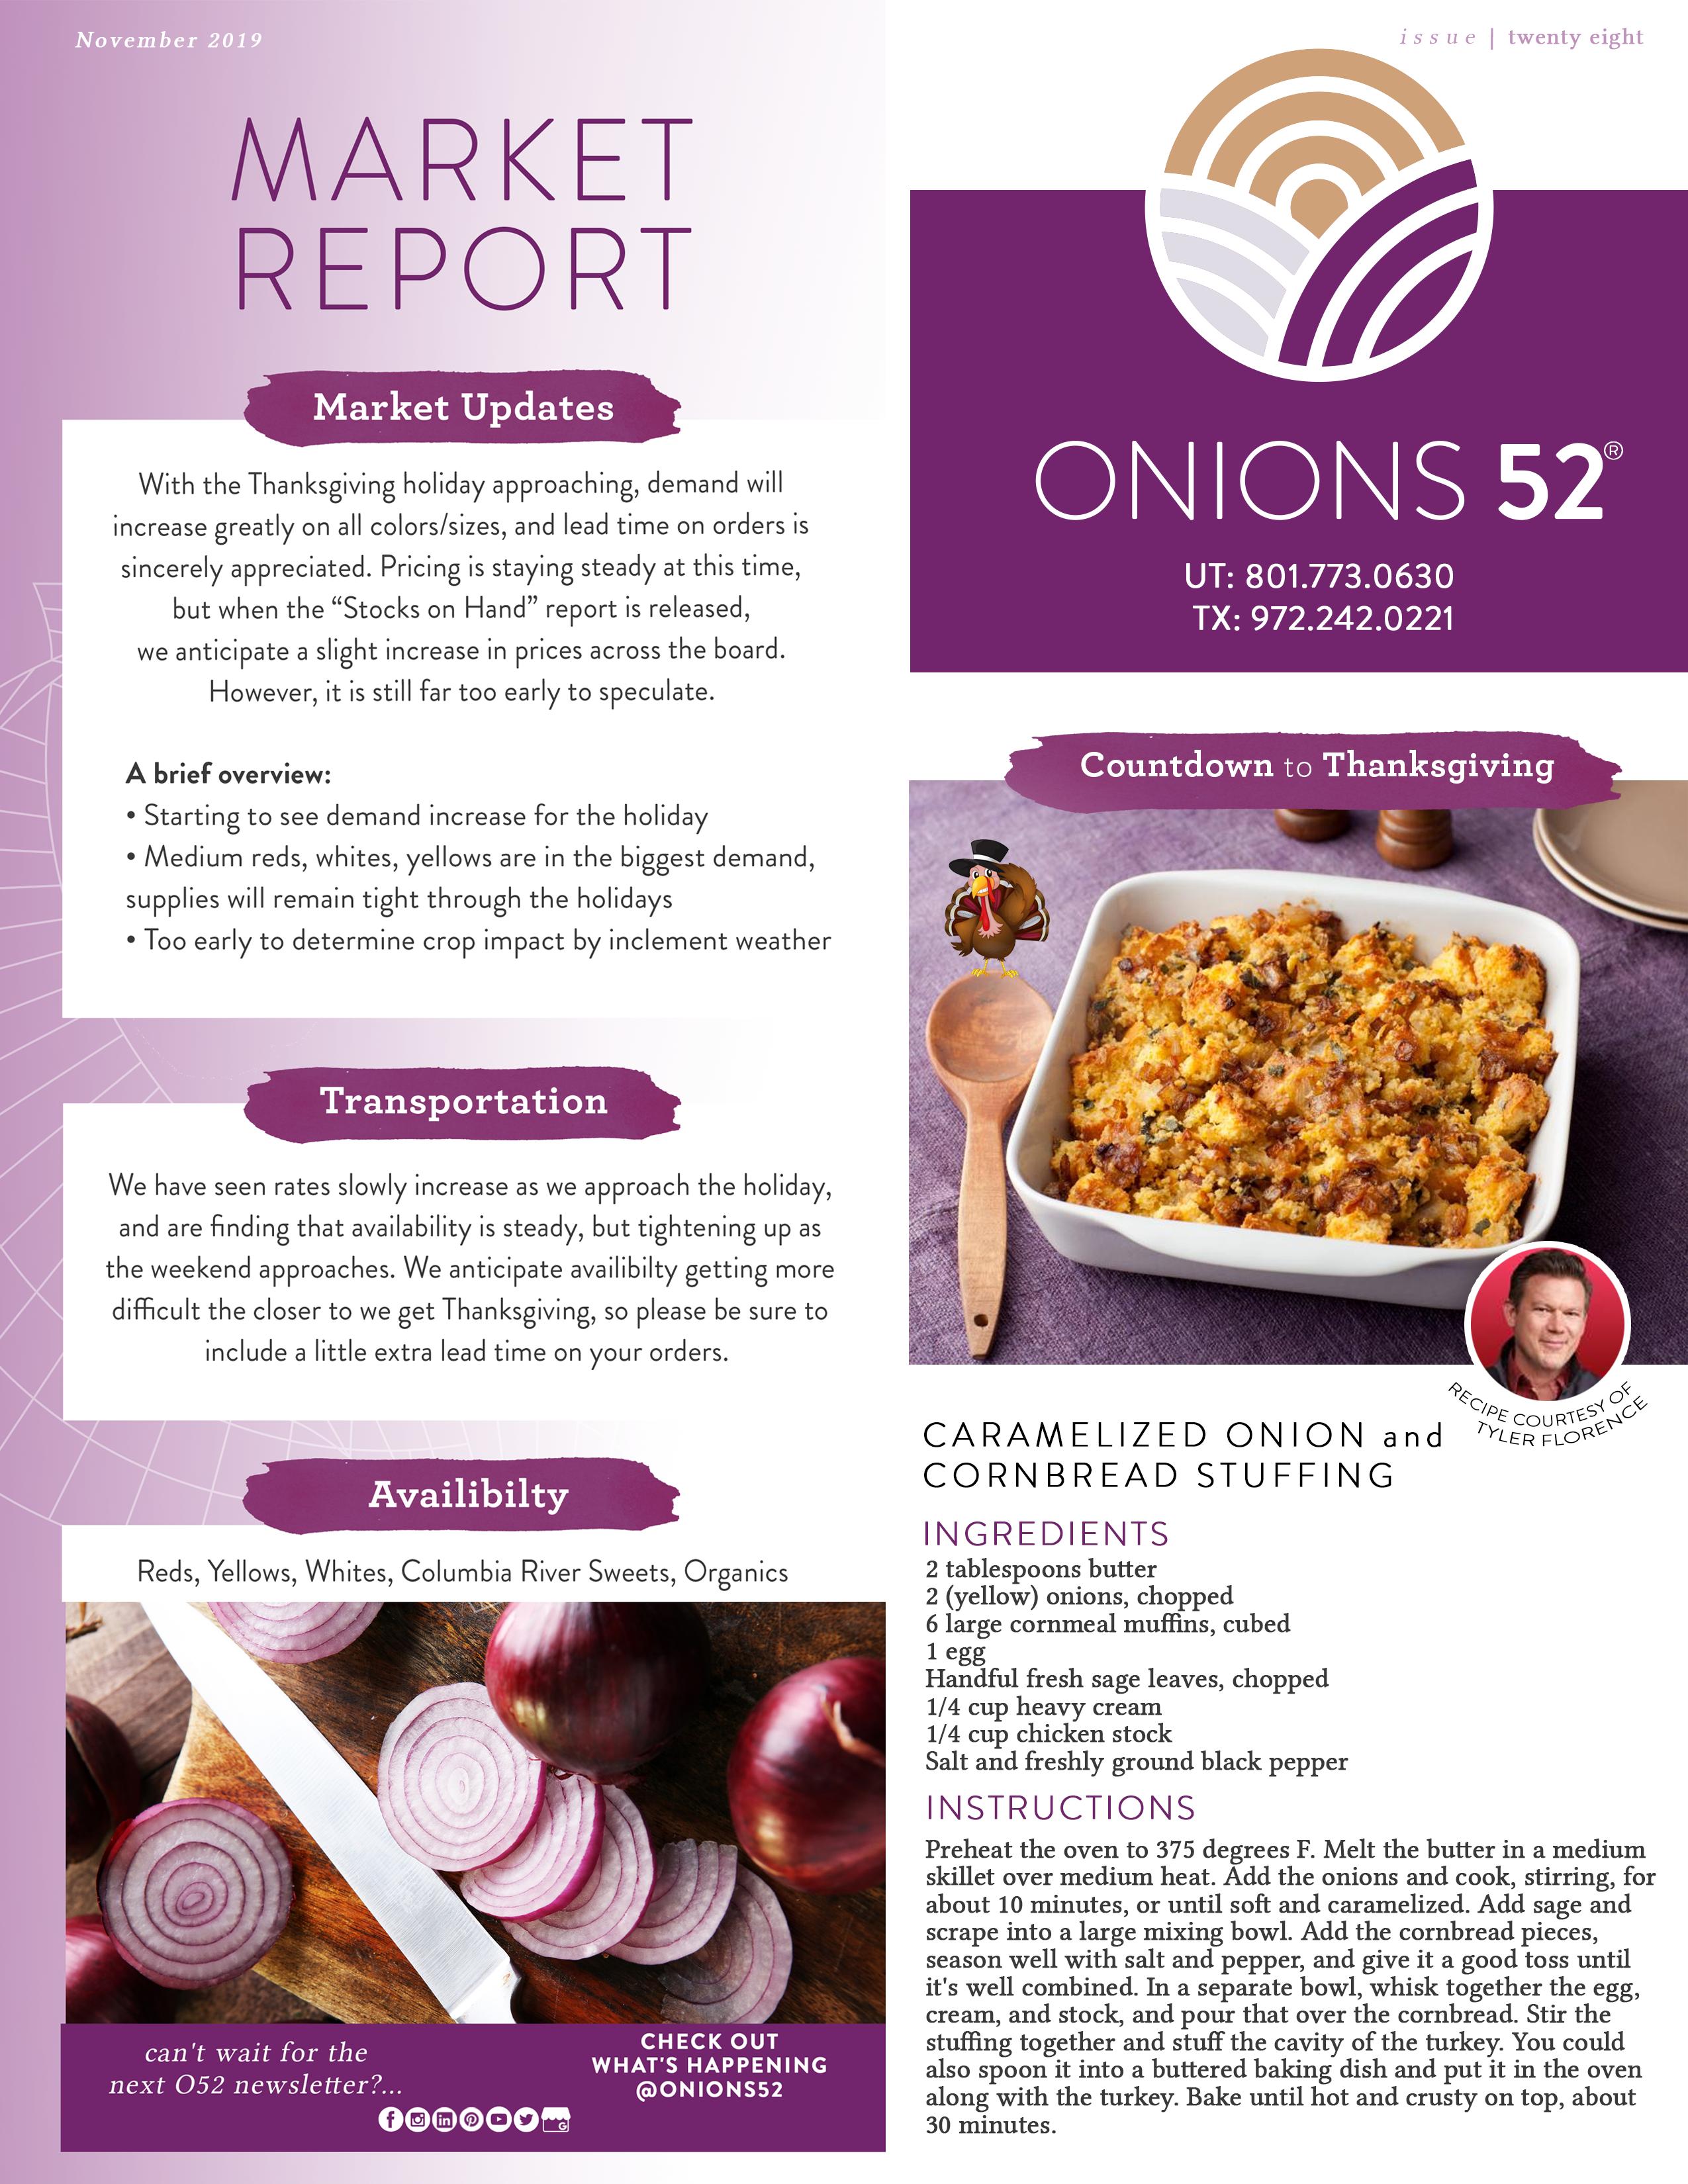 Onions 52 November 15 Newsletter